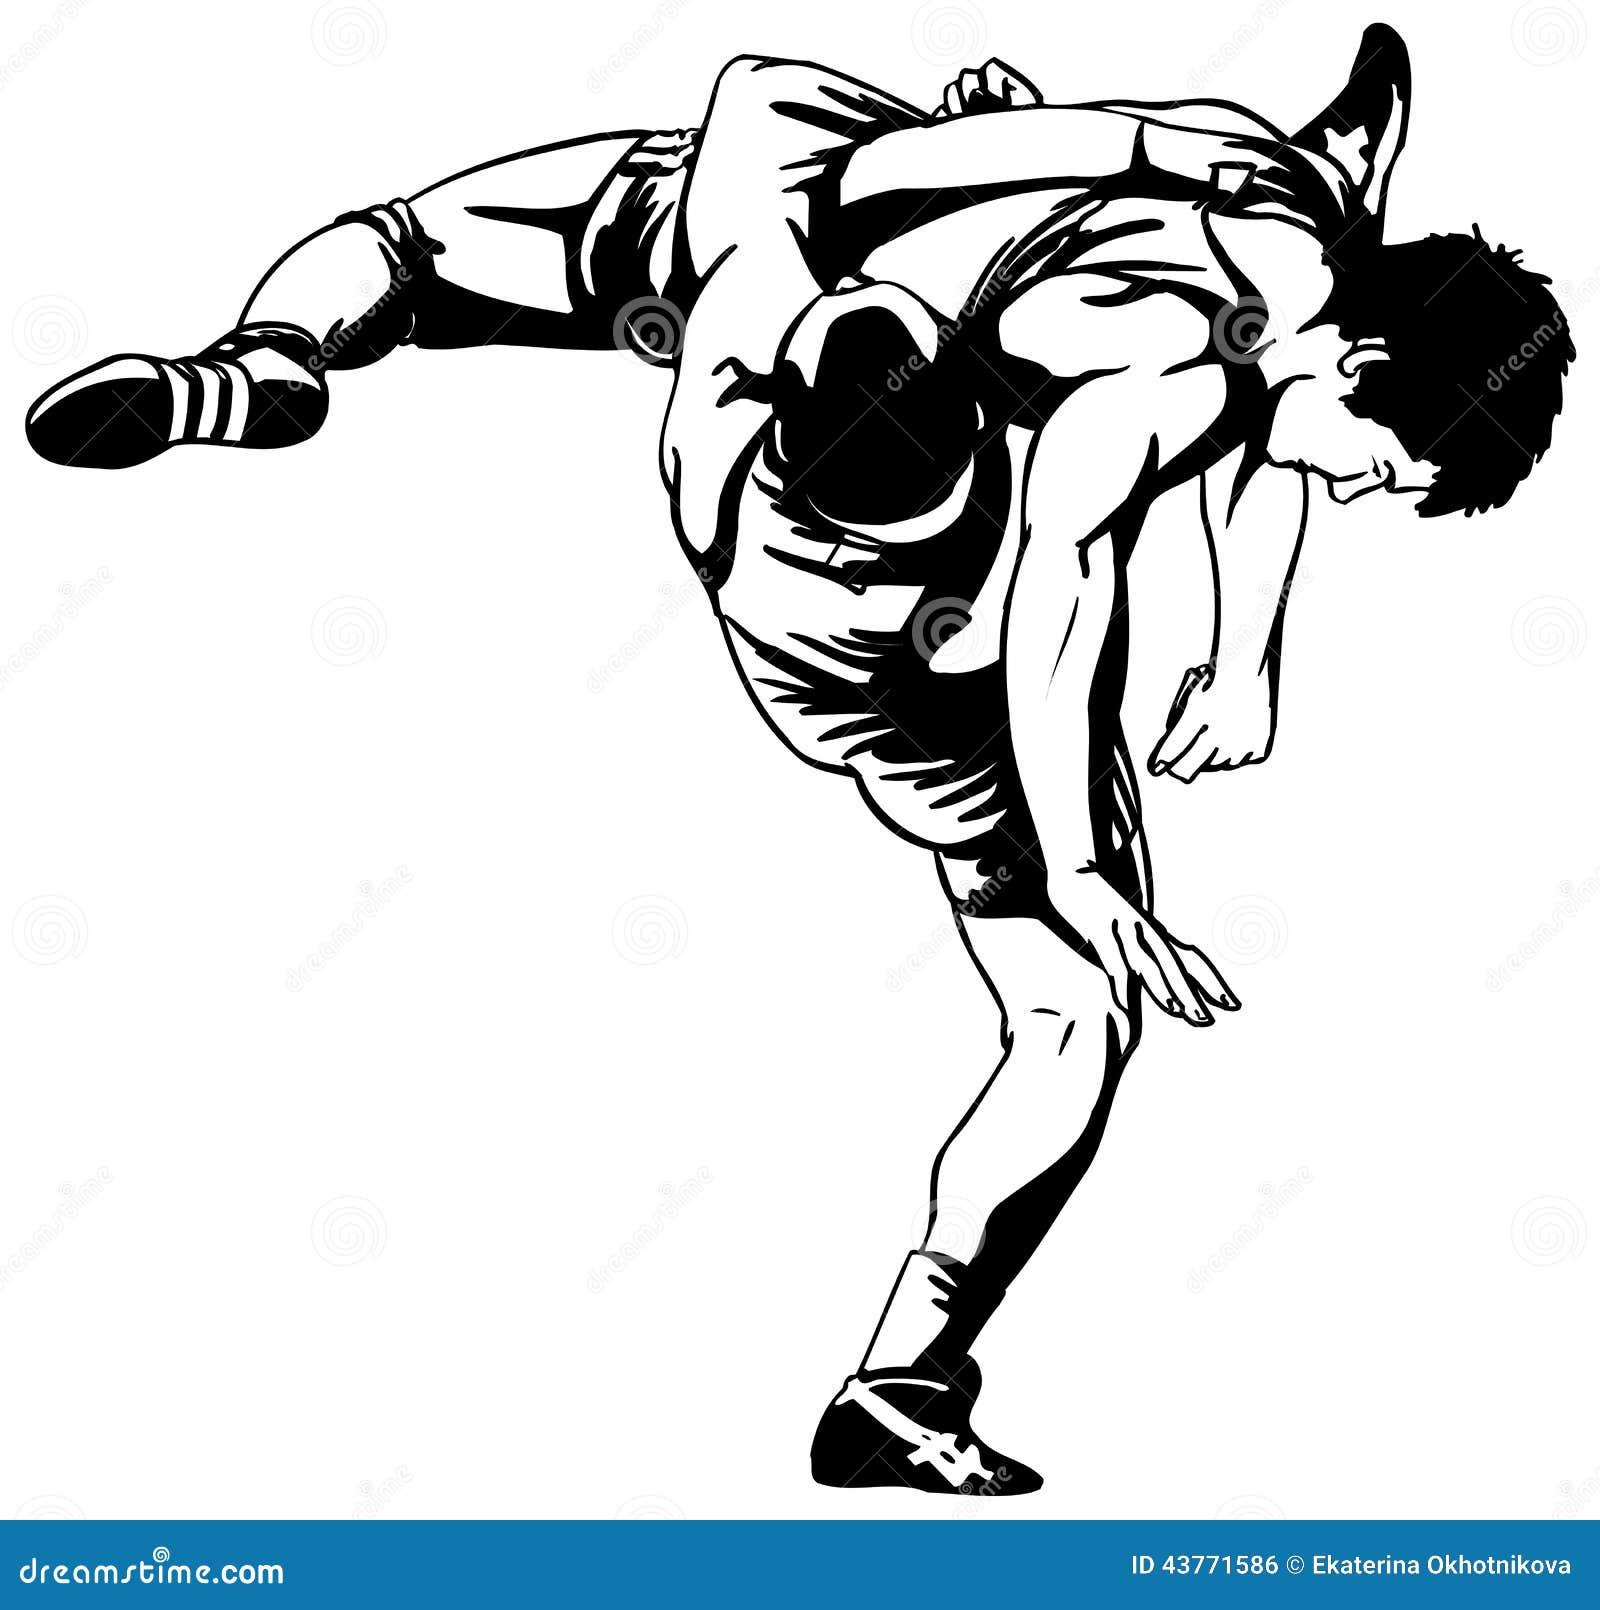 greco roman wrestling throws pdf